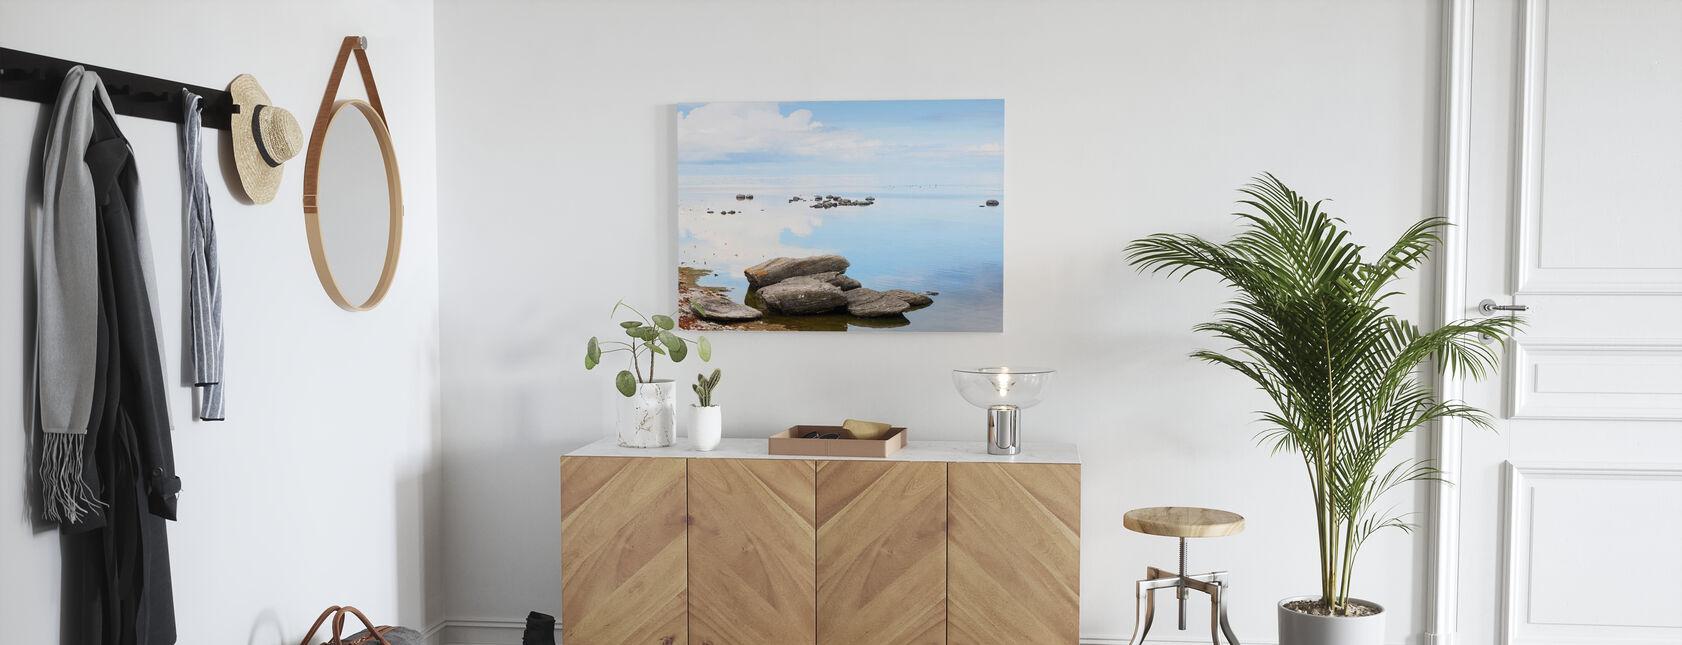 Aurinkoinen päivä Gotlannin rannikolla - Canvastaulu - Aula